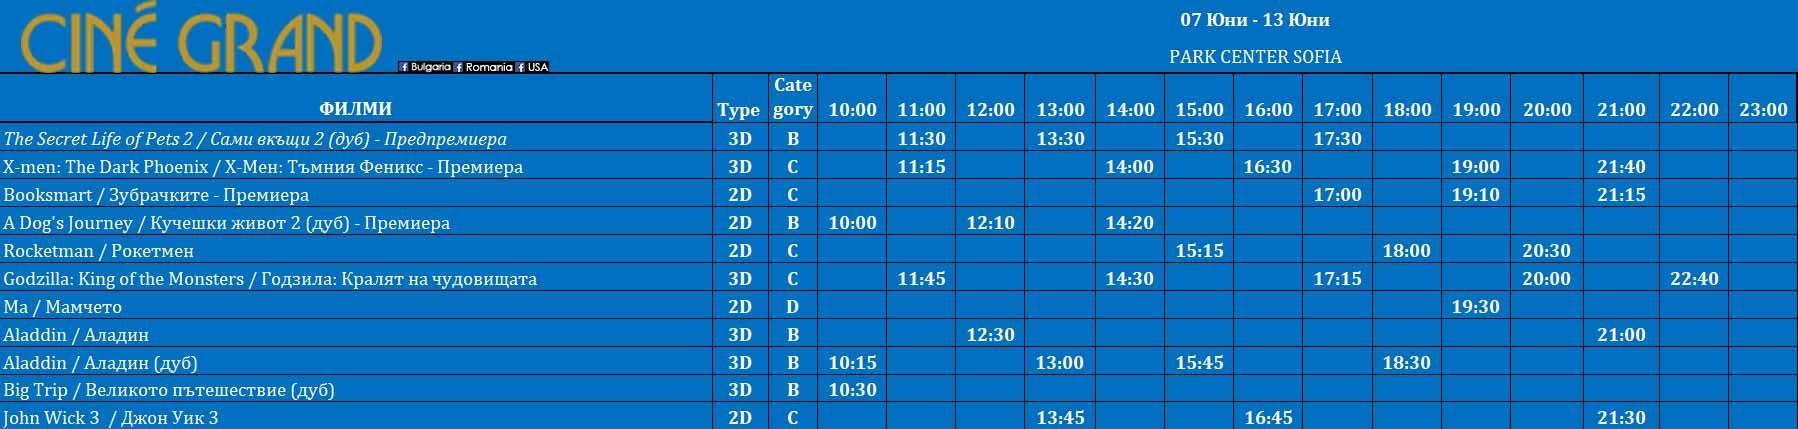 Кино програма на Cine Grand Park Center Sofia за периода 07 - 13 юни